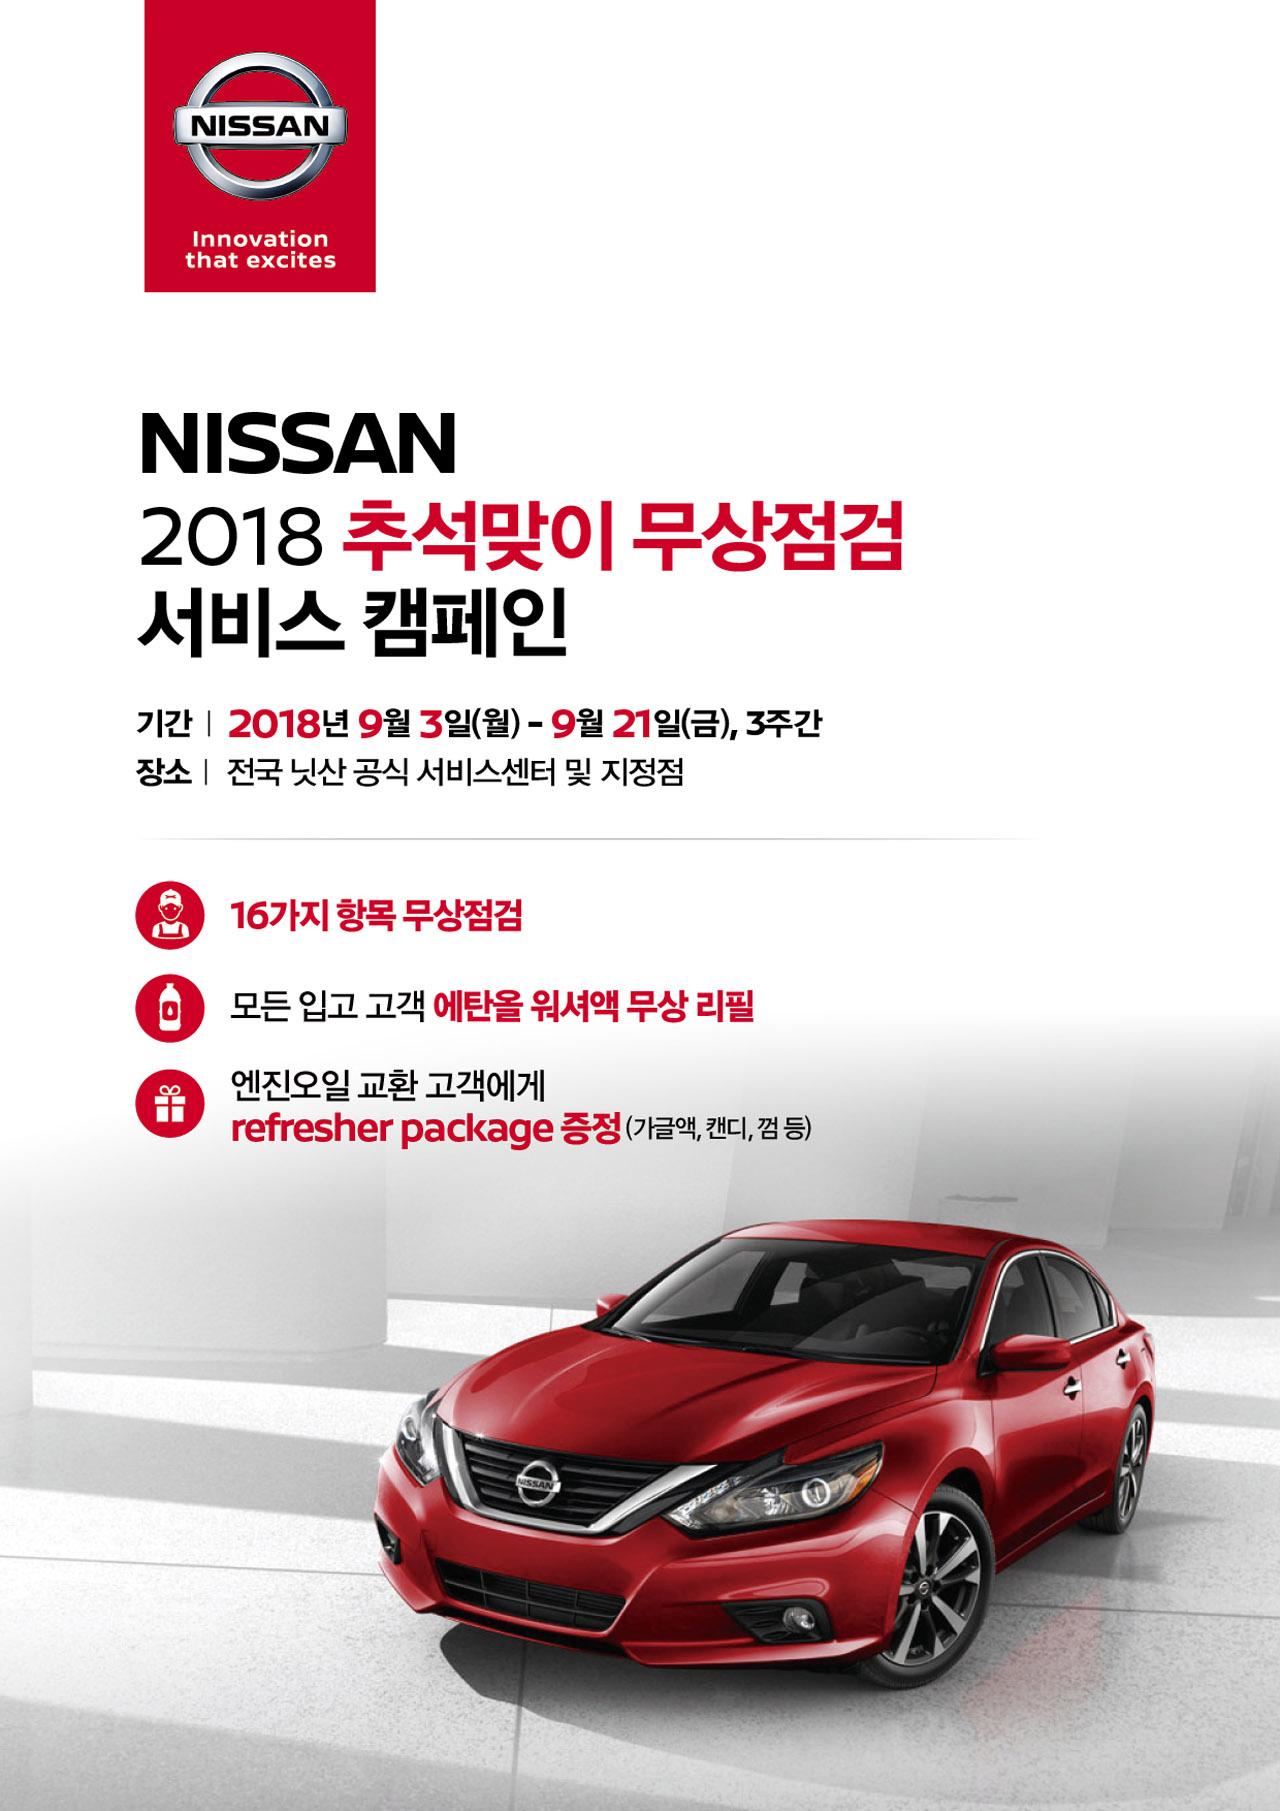 [사진자료] 한국닛산, 추석맞이 서비스 캠페인 및 시승 이벤트 실시 (1)